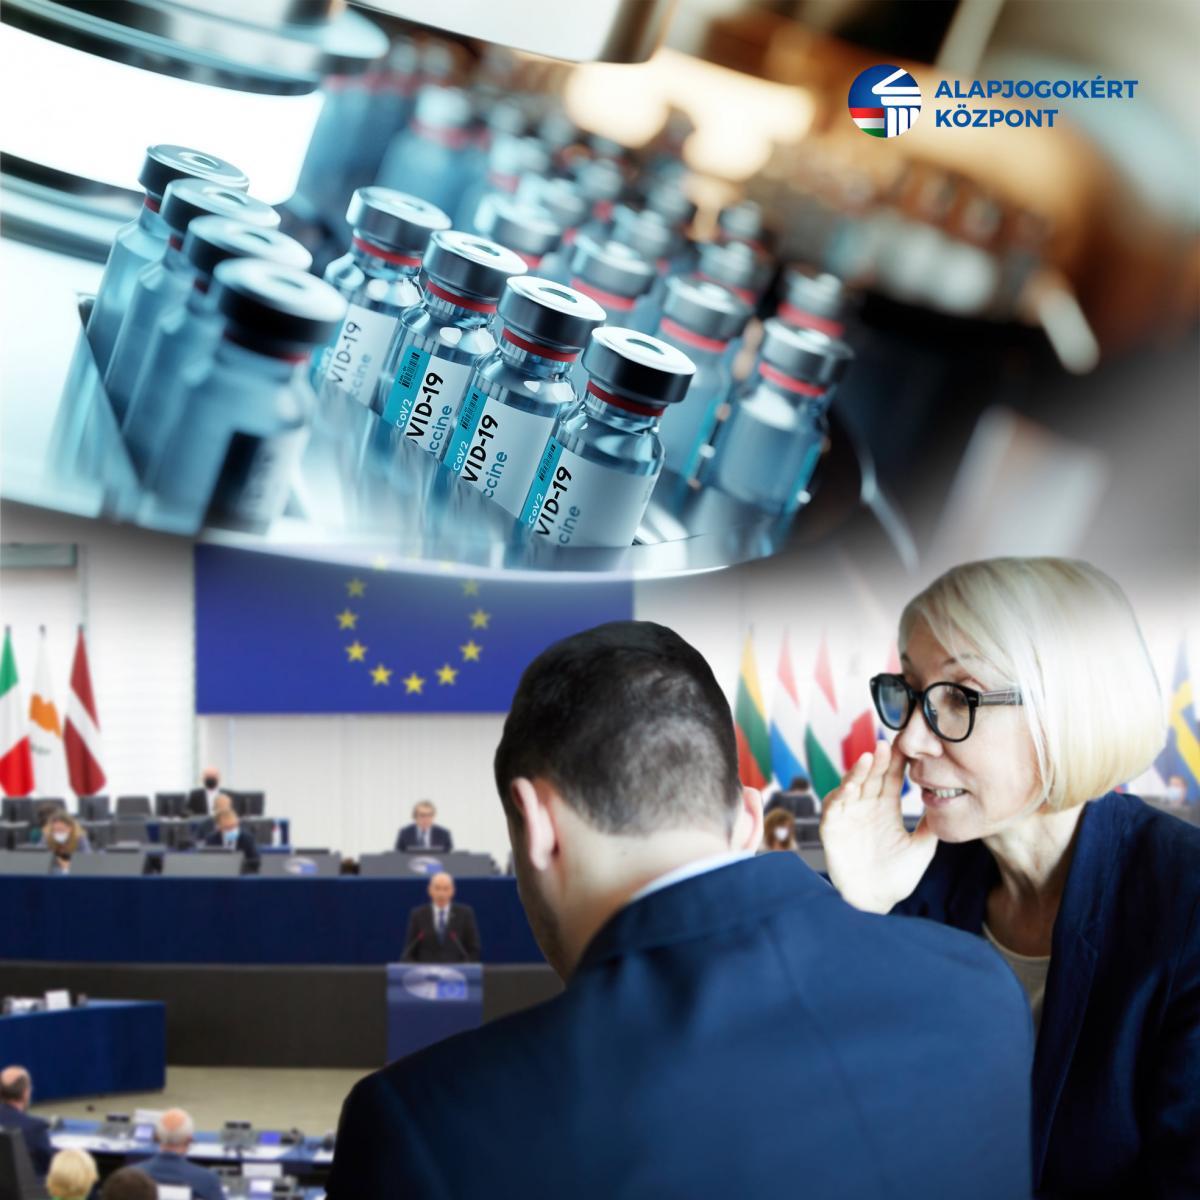 Biznisz: ismét árat emeltek az oltóanyag-gyártók, a Bizottság továbbra is titkolózik